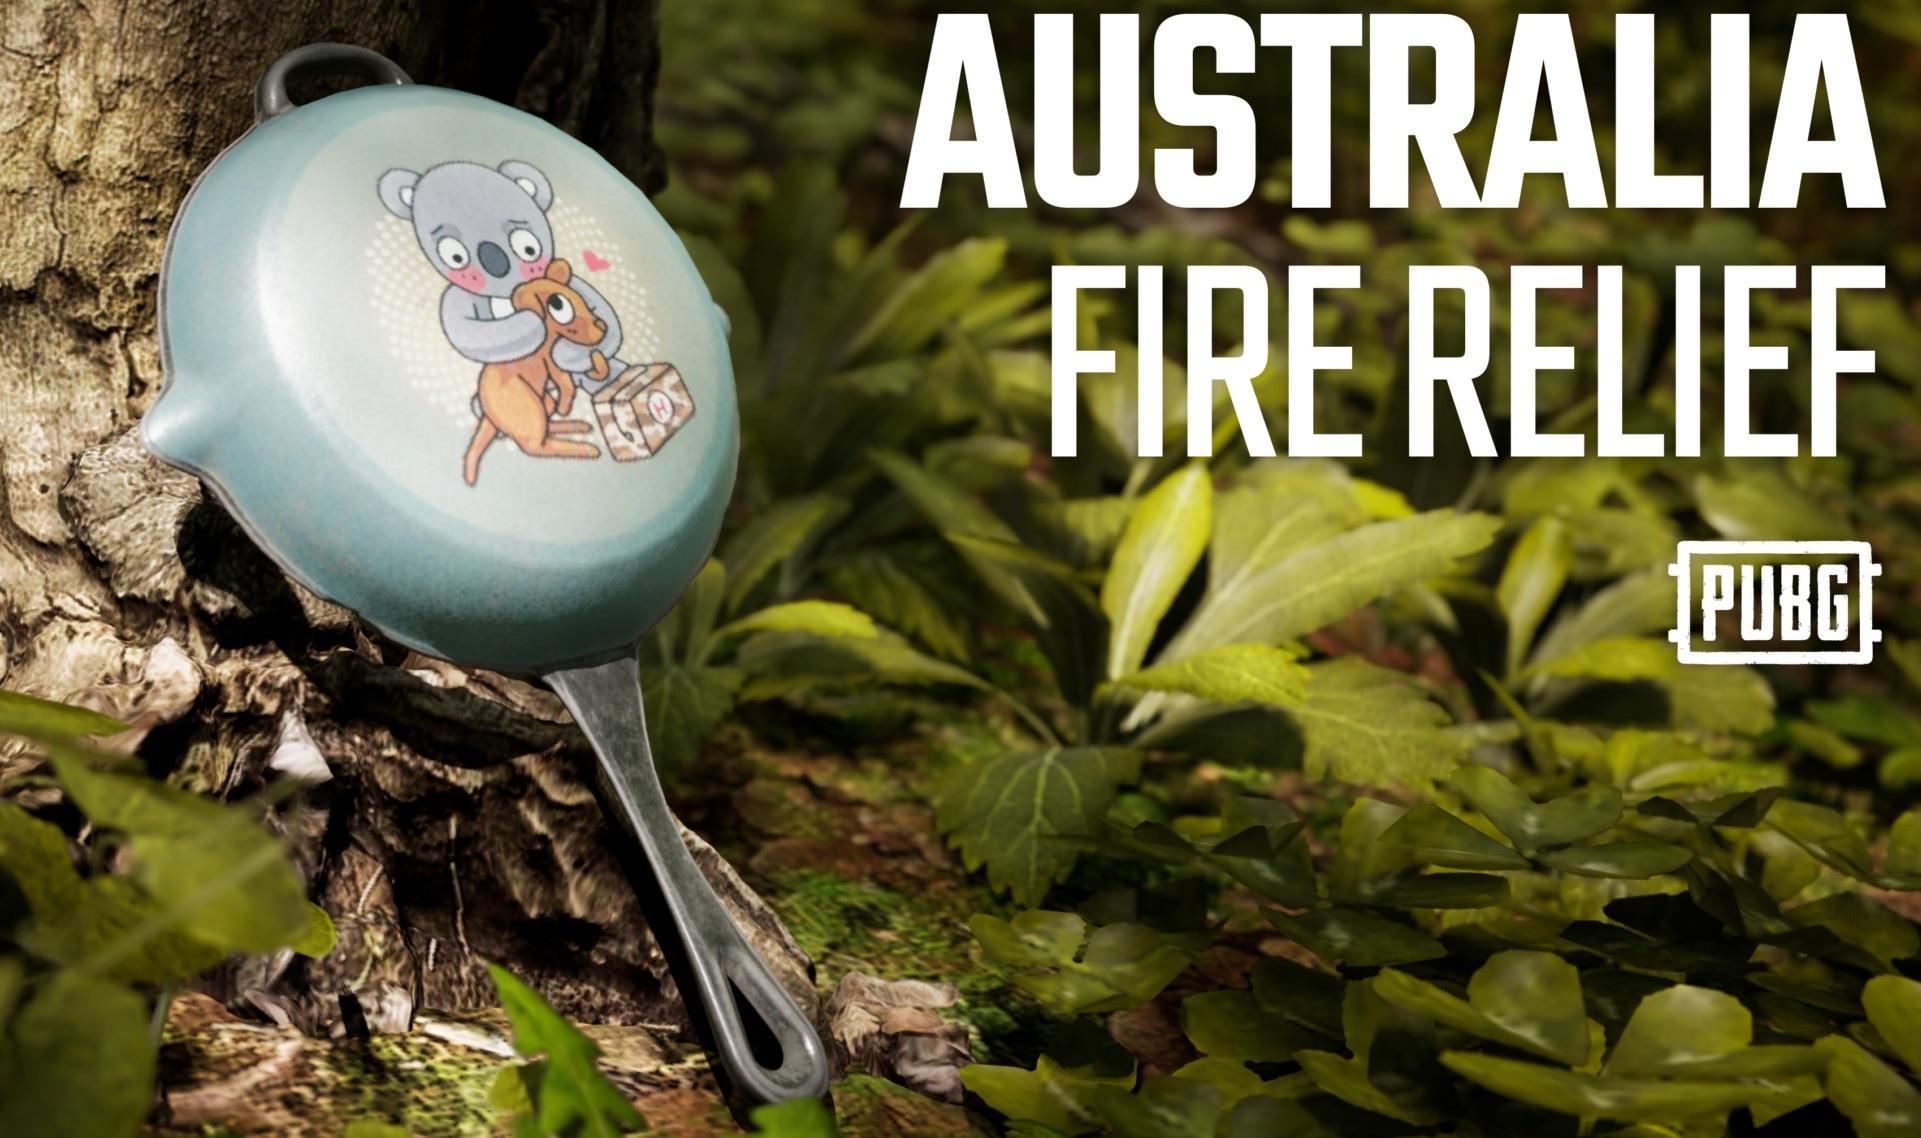 《絕地求生》「澳洲火災援助基金平底鍋」遊戲造型